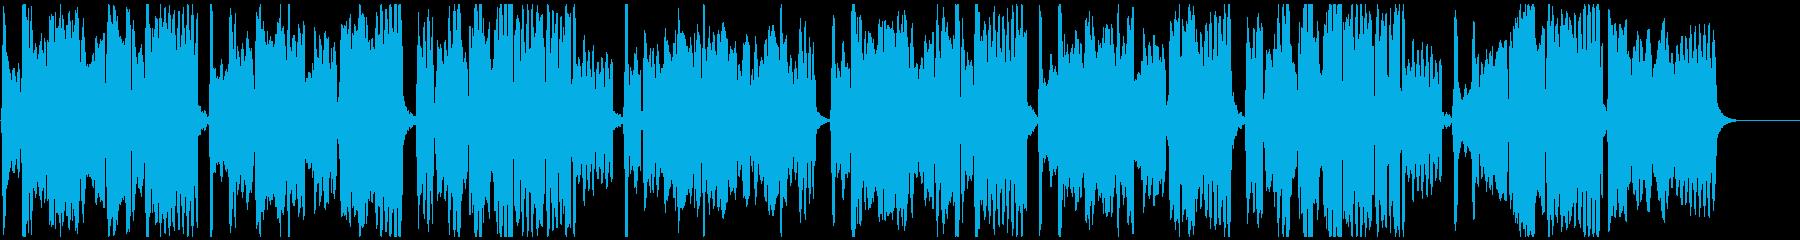 尺八二重奏による『花』の再生済みの波形